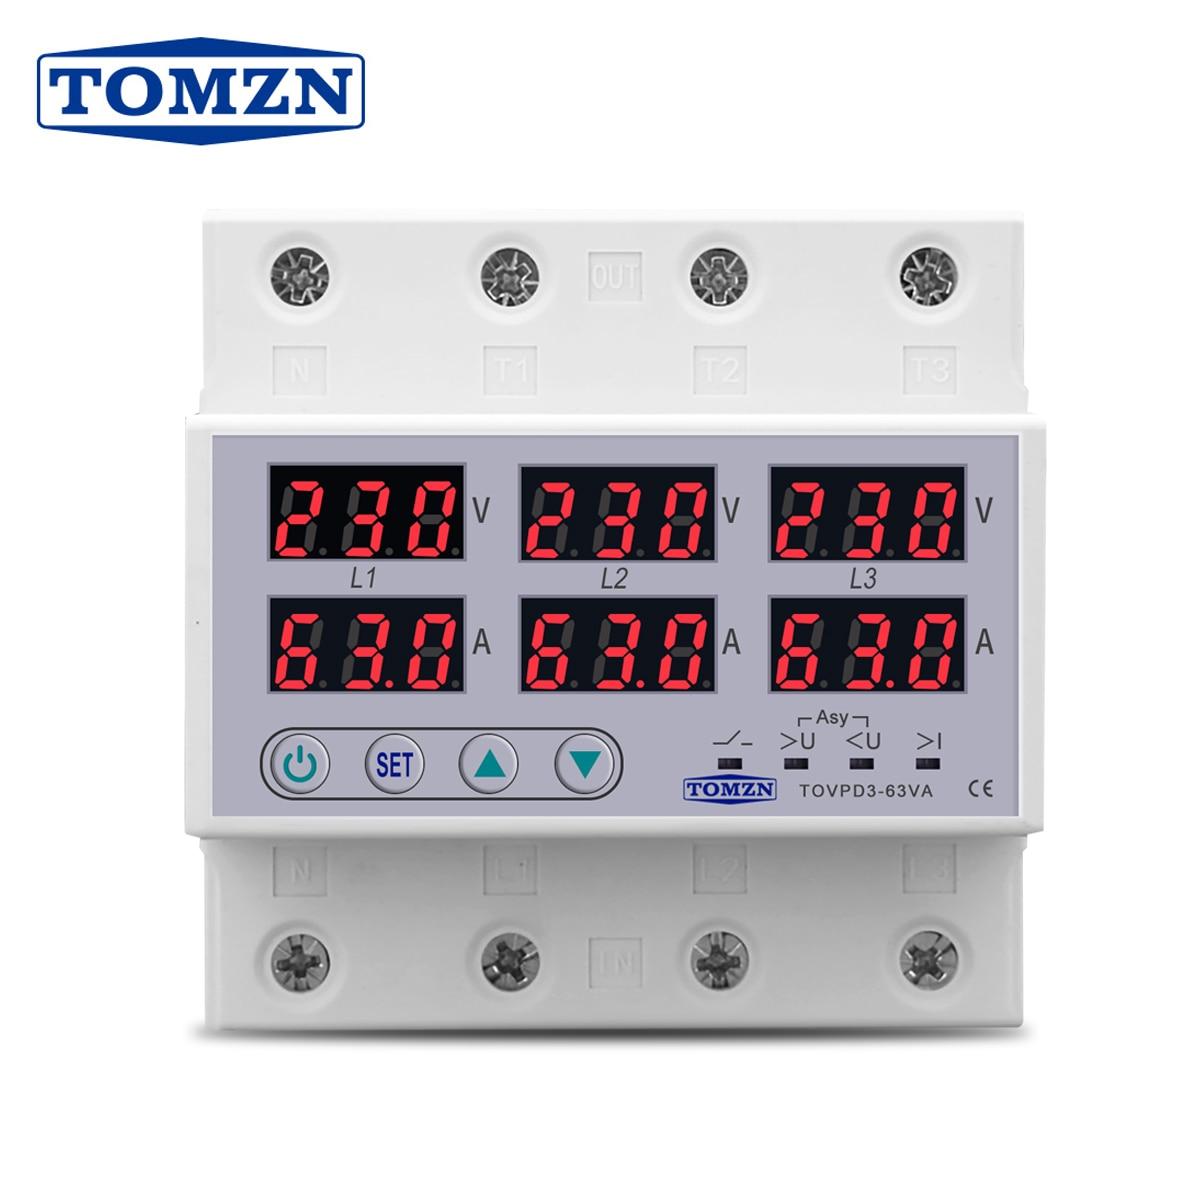 3 фазы 380V din-рейку Вольтметр Амперметр постоянного тока Регулируемый над и под Напряжение ограничение тока защита монитор реле протектор